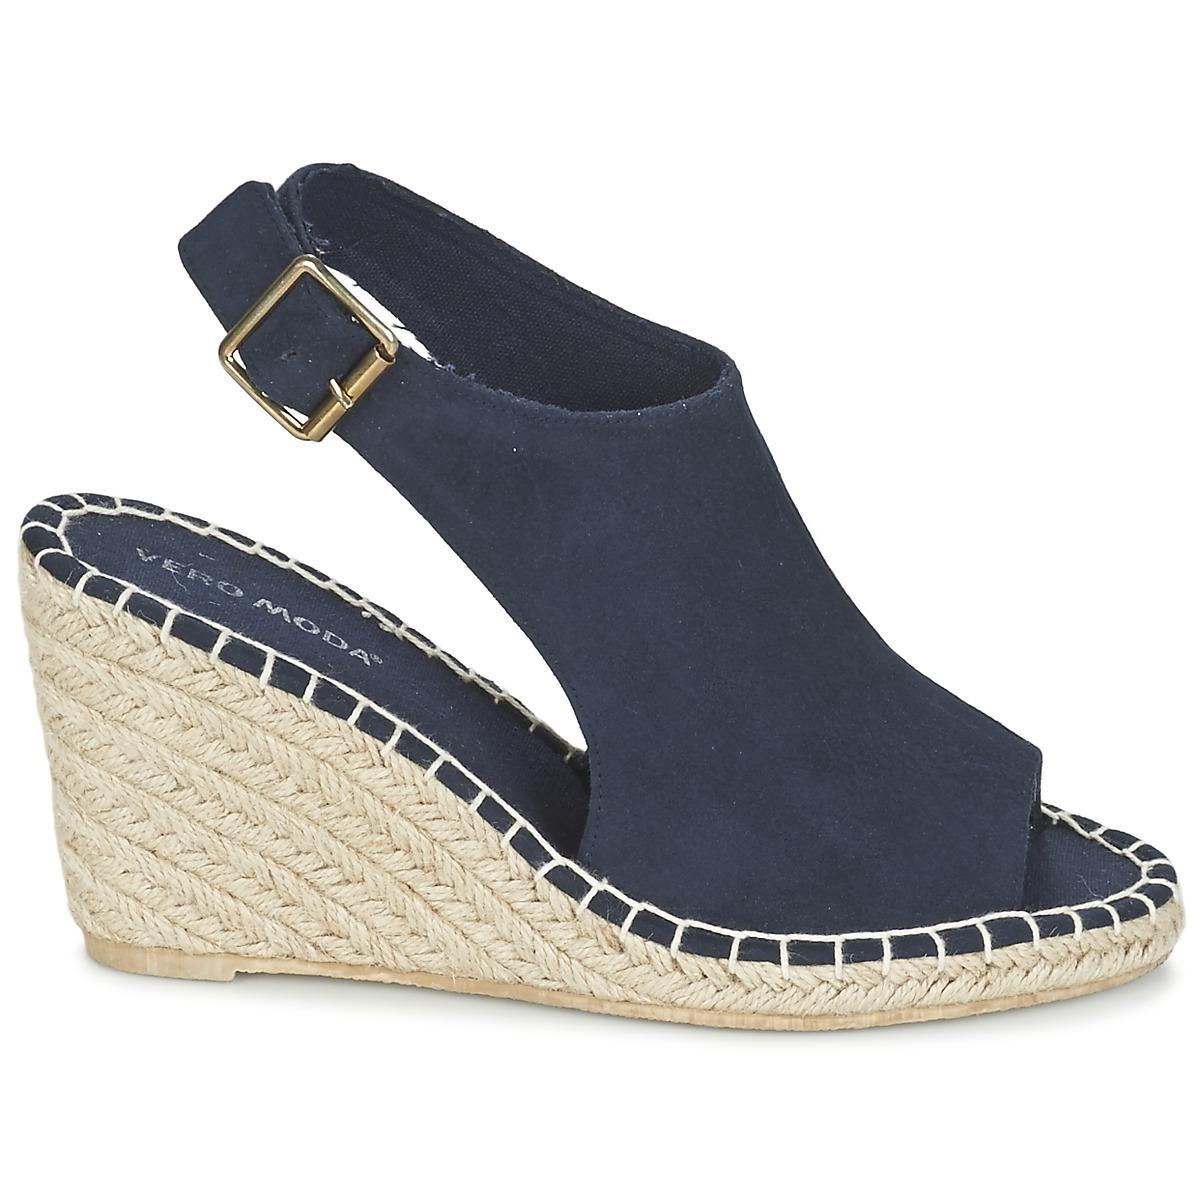 0b93de6dc96e Vero Moda Vmlina Wedge Sandal Women s Sandals In Blue in Blue - Lyst